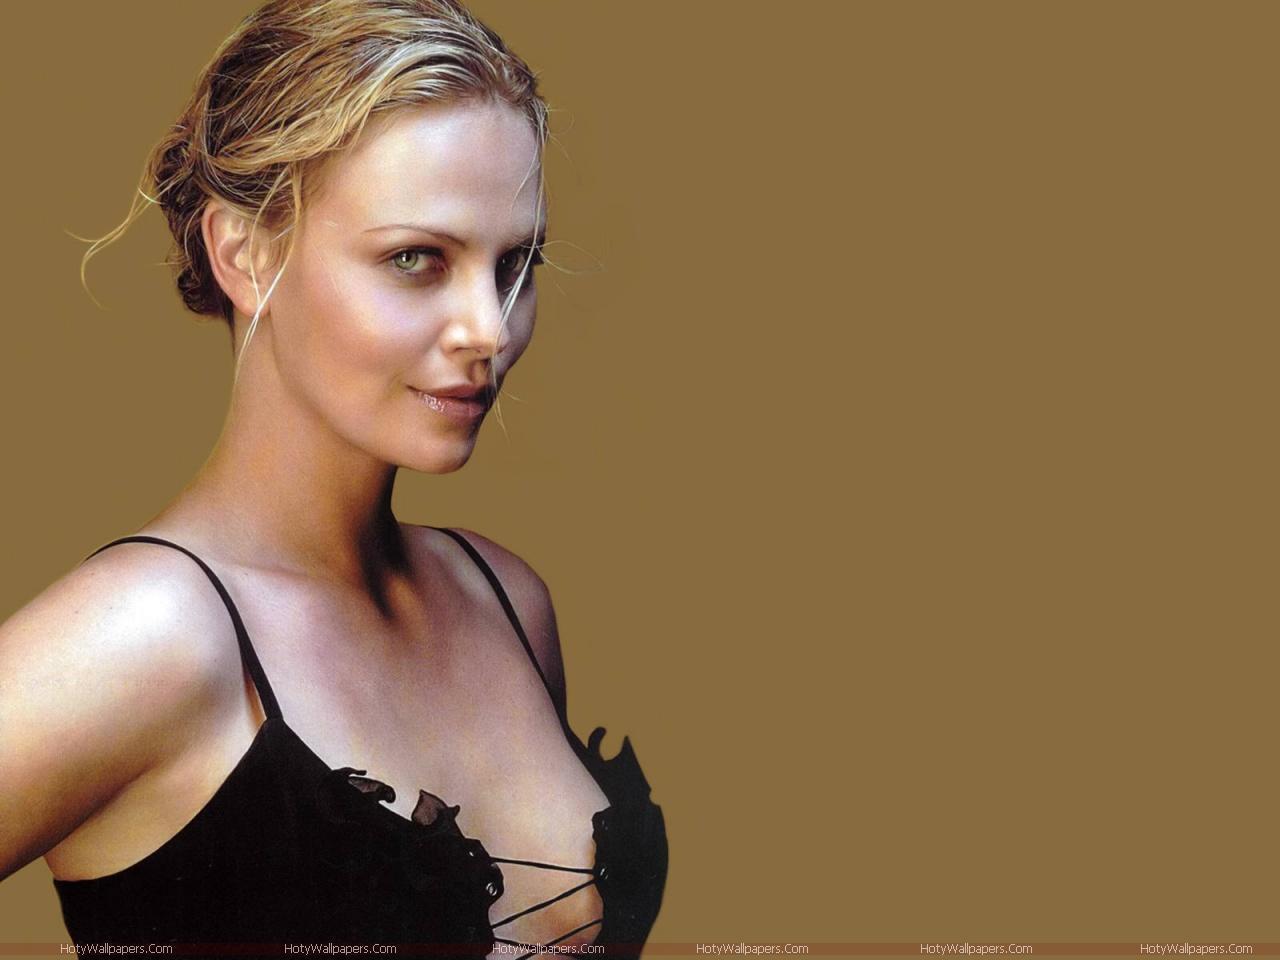 http://3.bp.blogspot.com/-zB3aGcIQoo8/Tk0YzAejf3I/AAAAAAAAJKU/kZ-JeKaF8Ps/s1600/Charlize_Theron_a_wallpaper.jpg